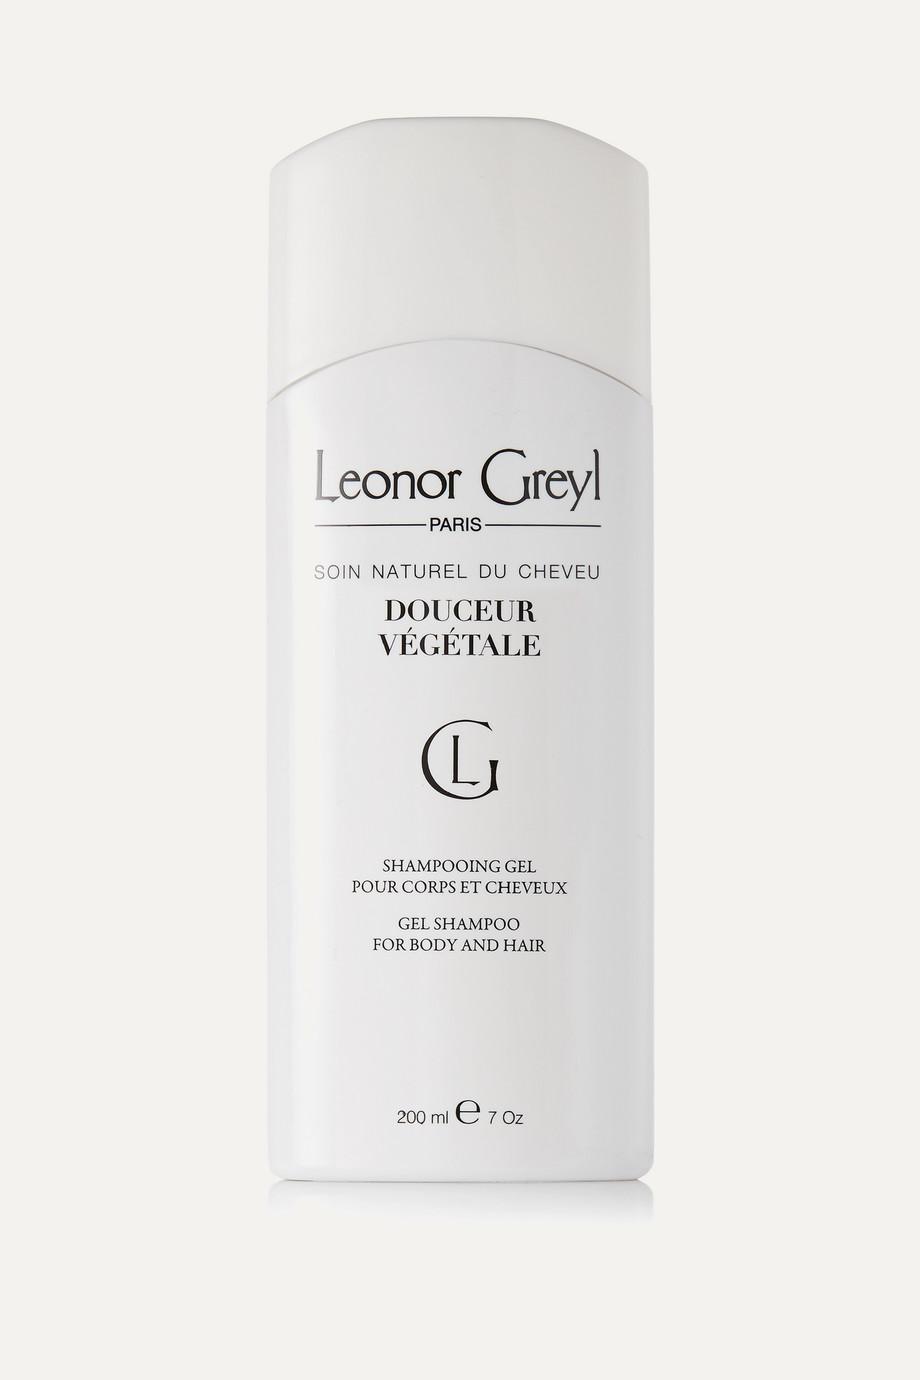 Leonor Greyl Paris Douceur Végétale Shampoo, 200ml